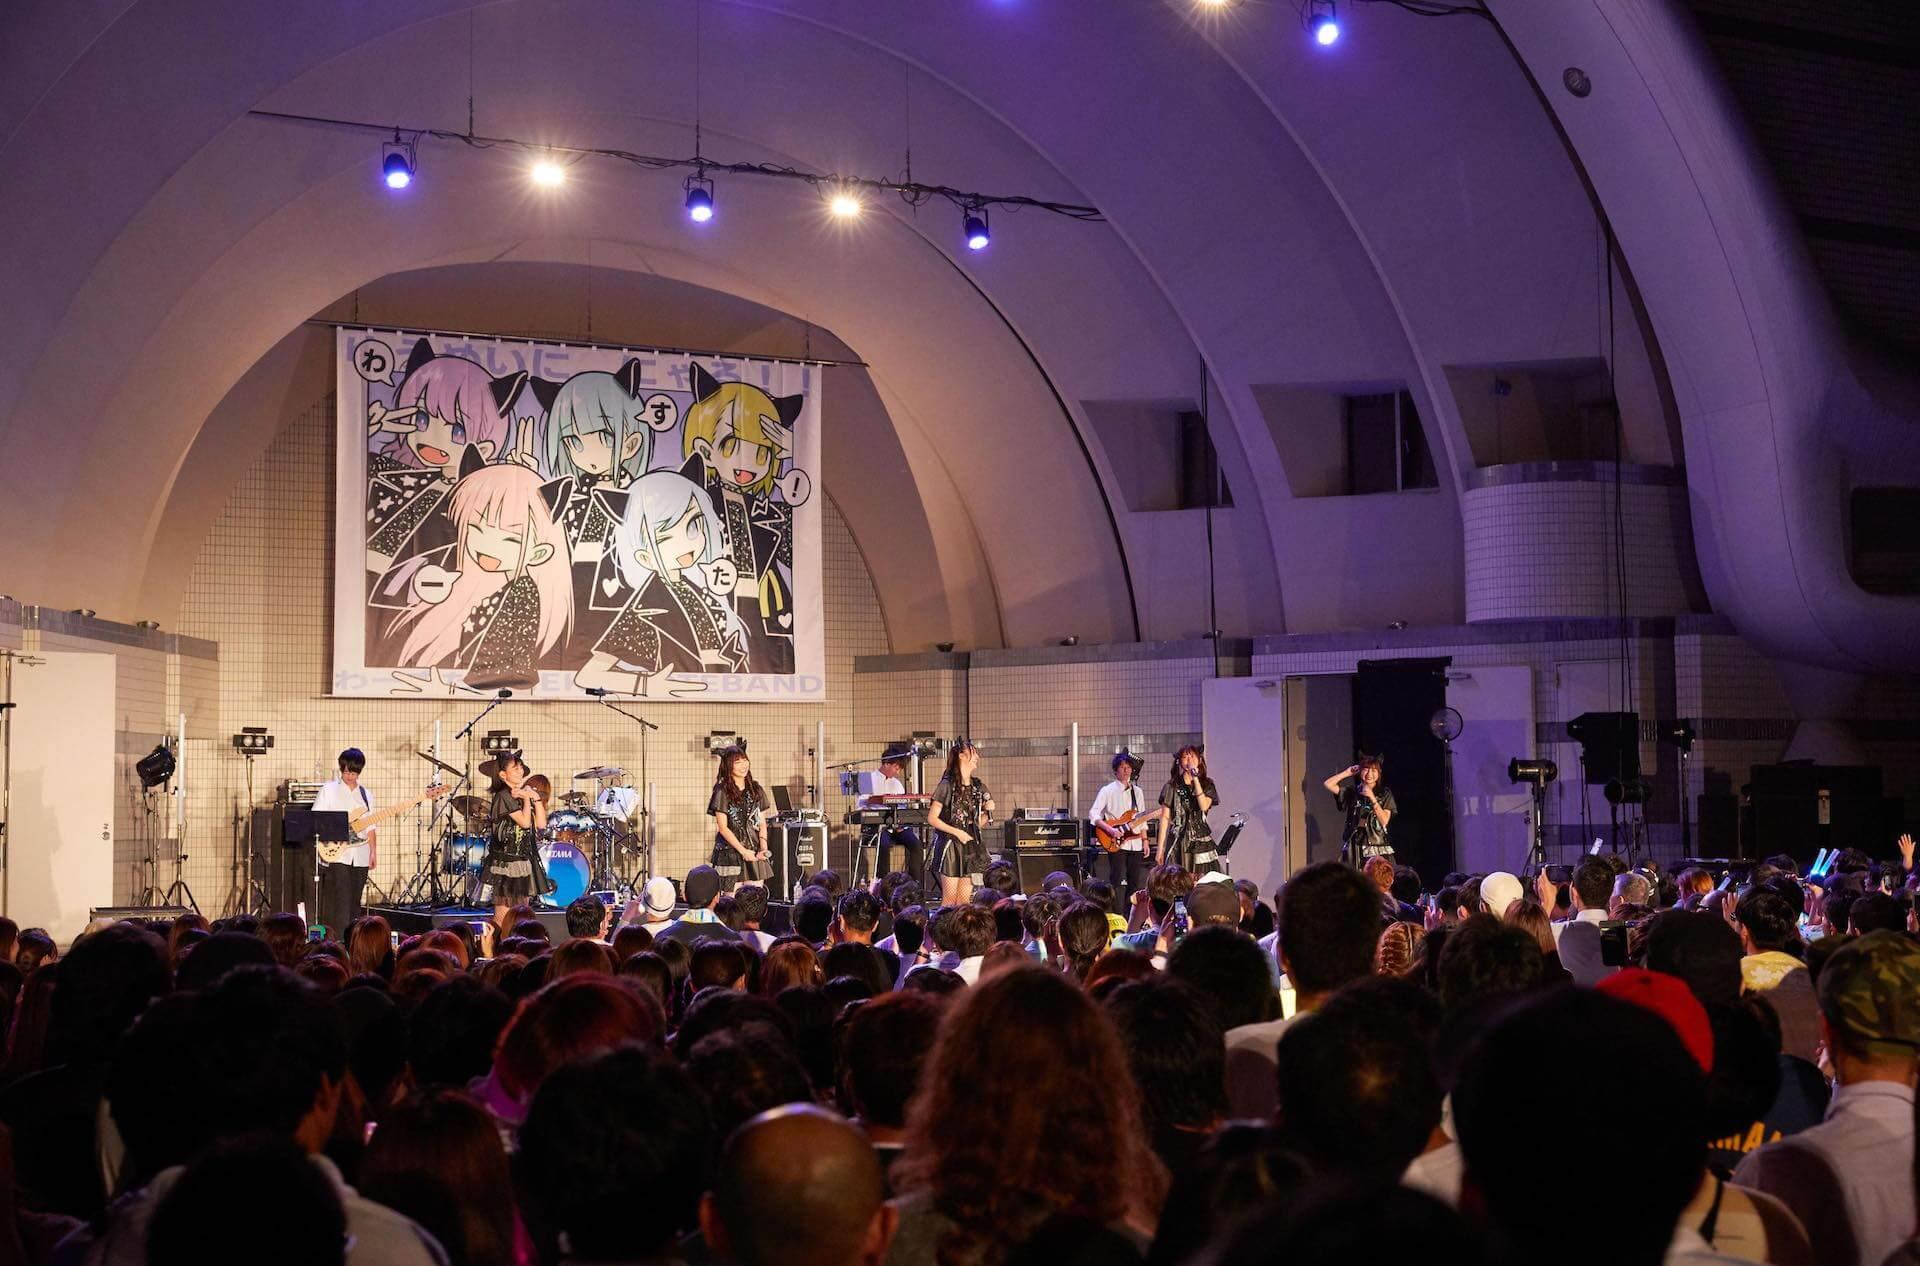 わーすた、代々木野外音楽堂でのFREE LIVE敢行で3,000人が大集結! art191009_waasuta_1